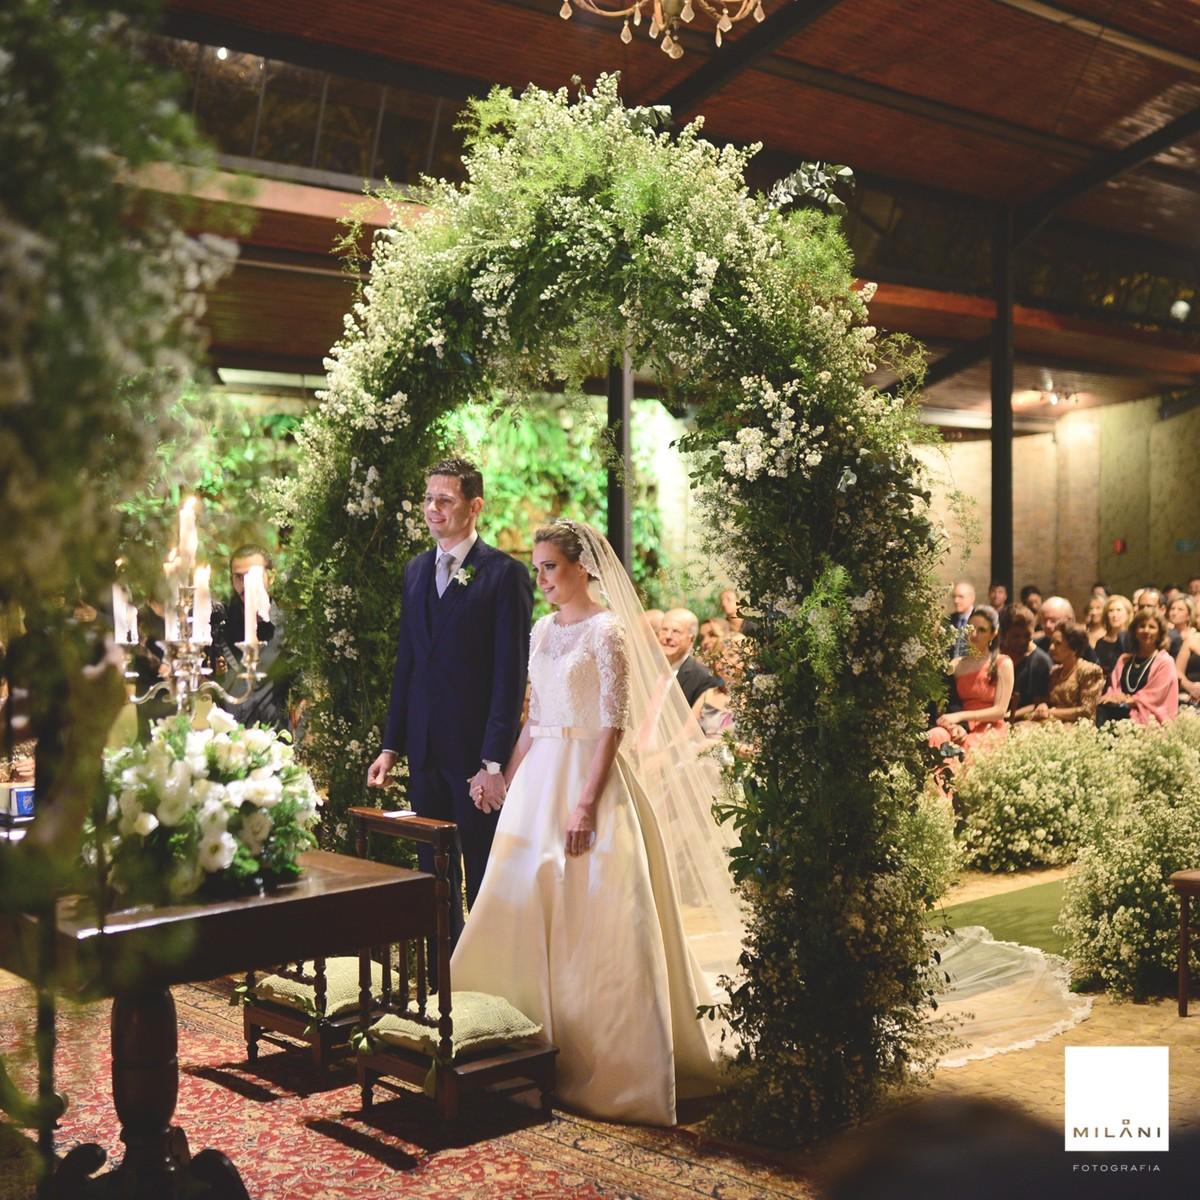 O casal durante a cerimônia religiosa